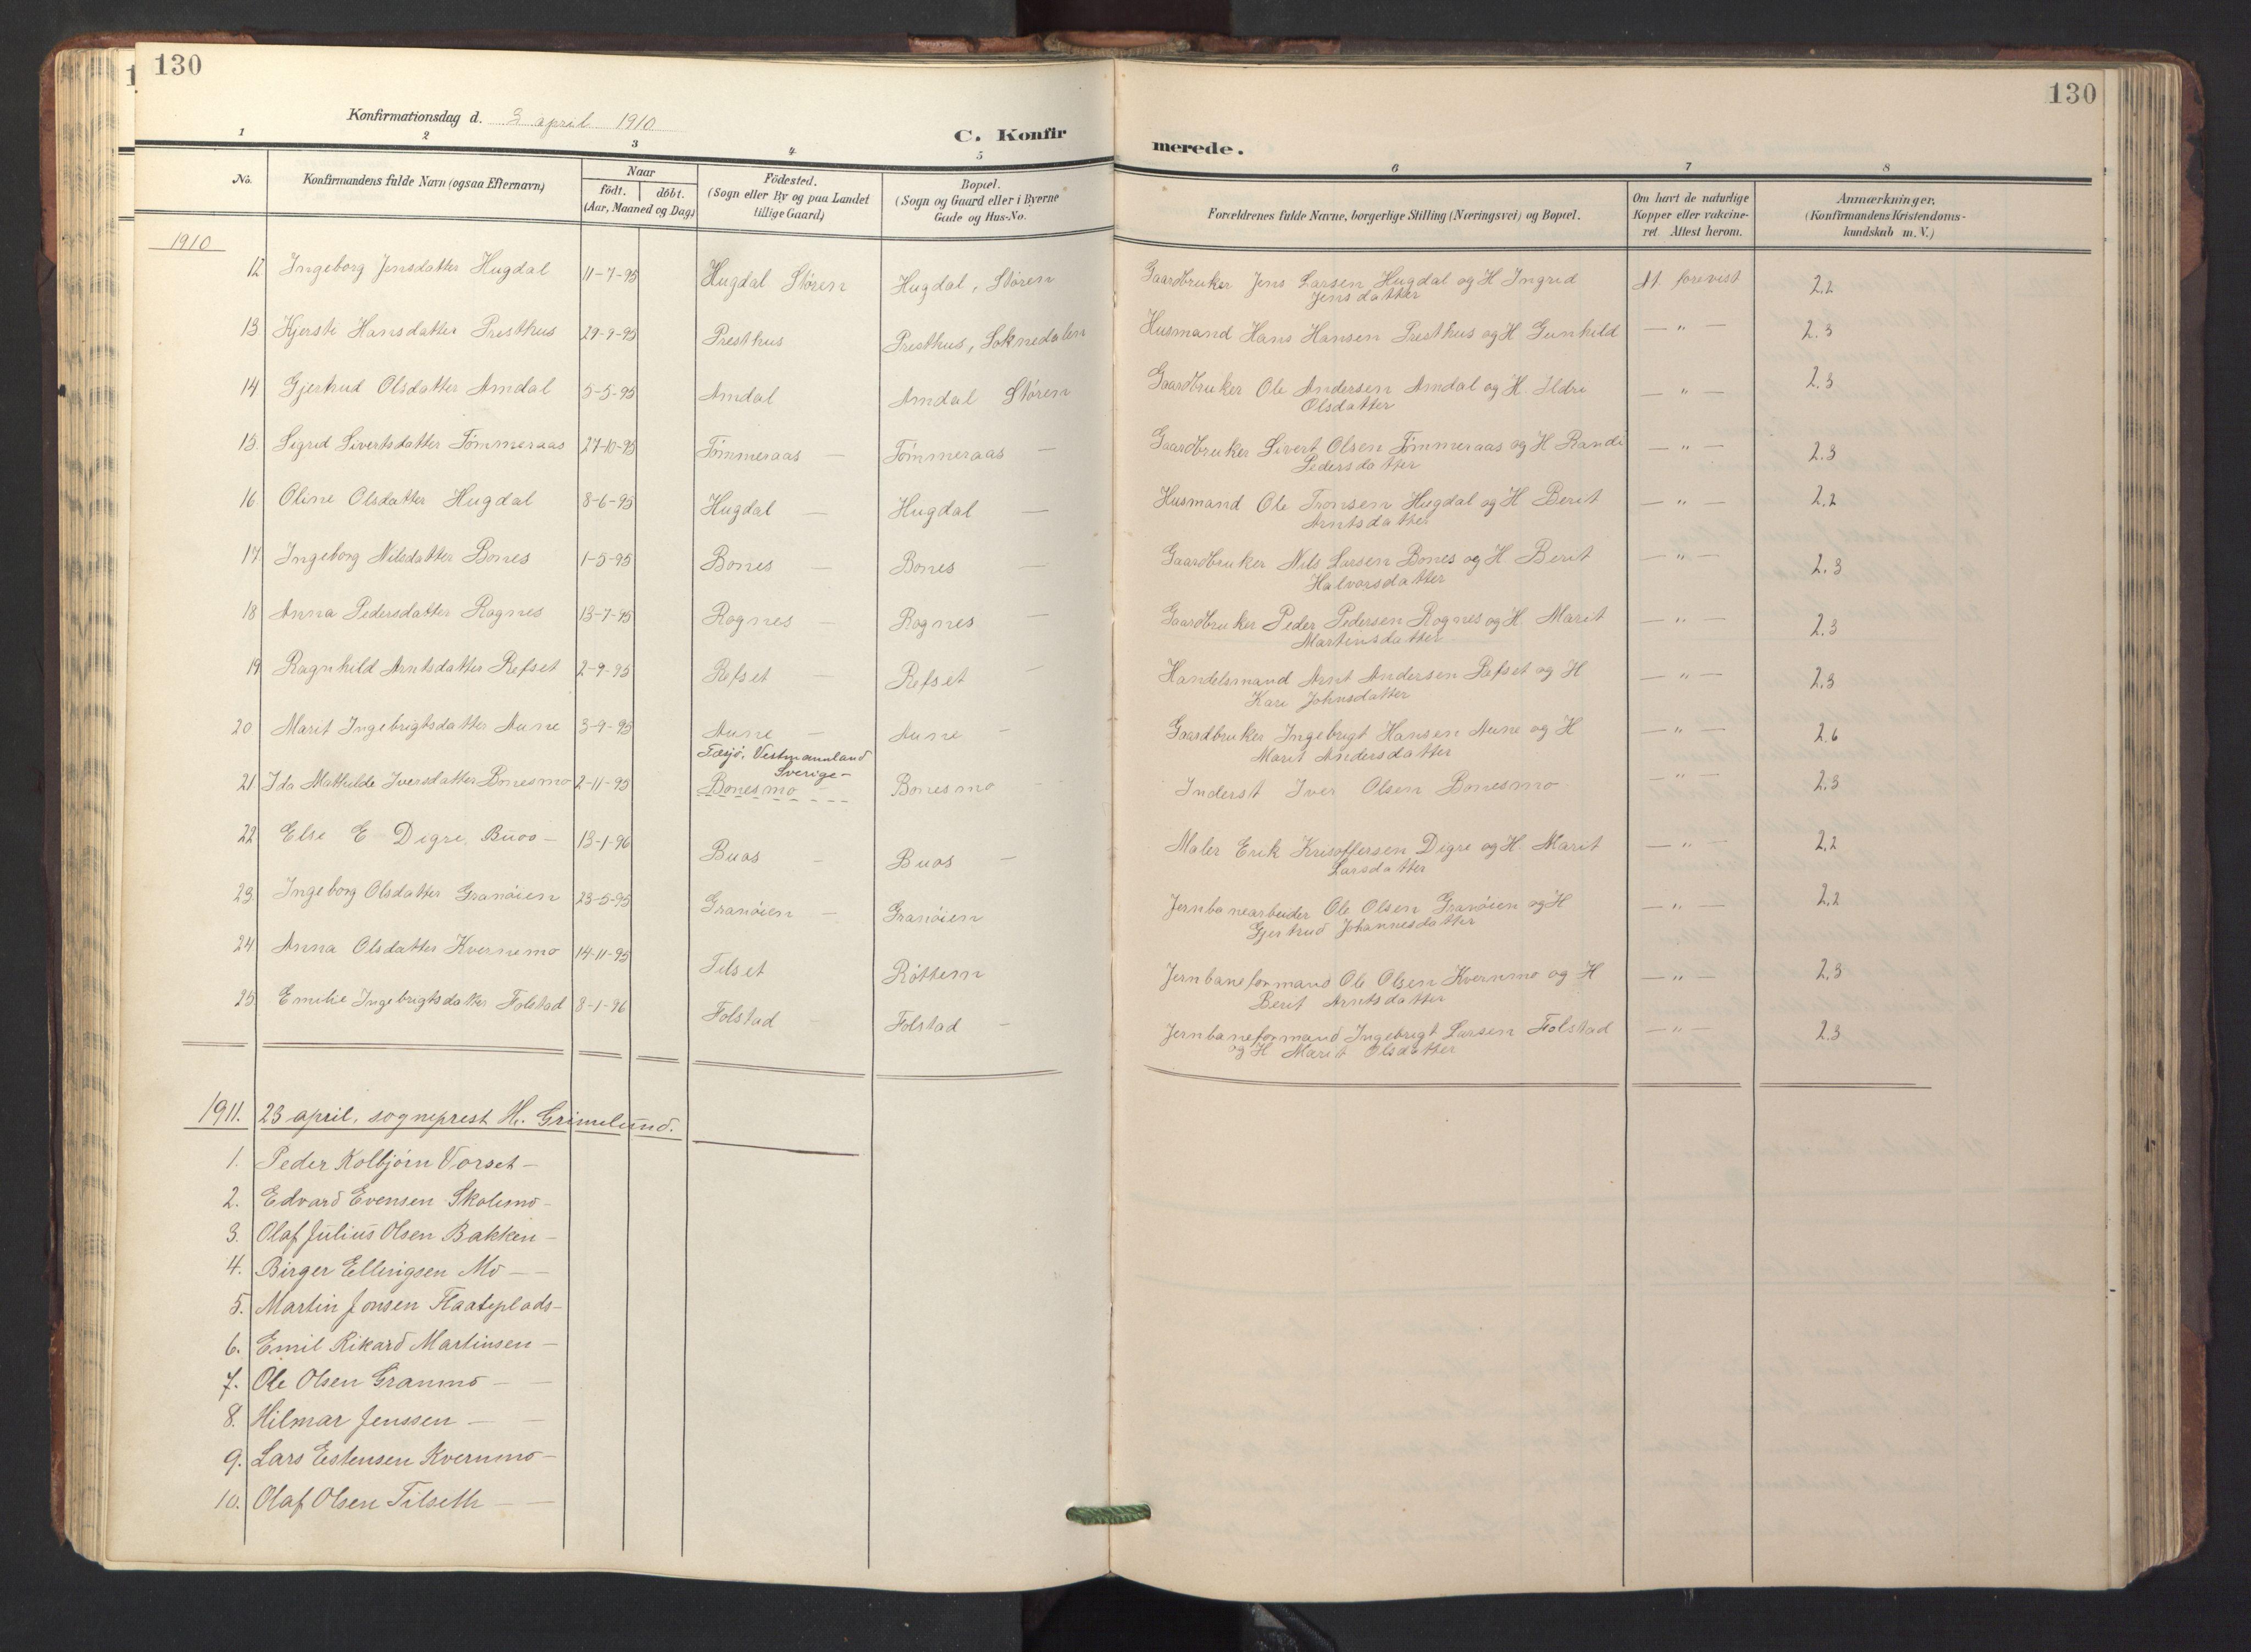 SAT, Ministerialprotokoller, klokkerbøker og fødselsregistre - Sør-Trøndelag, 687/L1019: Klokkerbok nr. 687C03, 1904-1931, s. 130